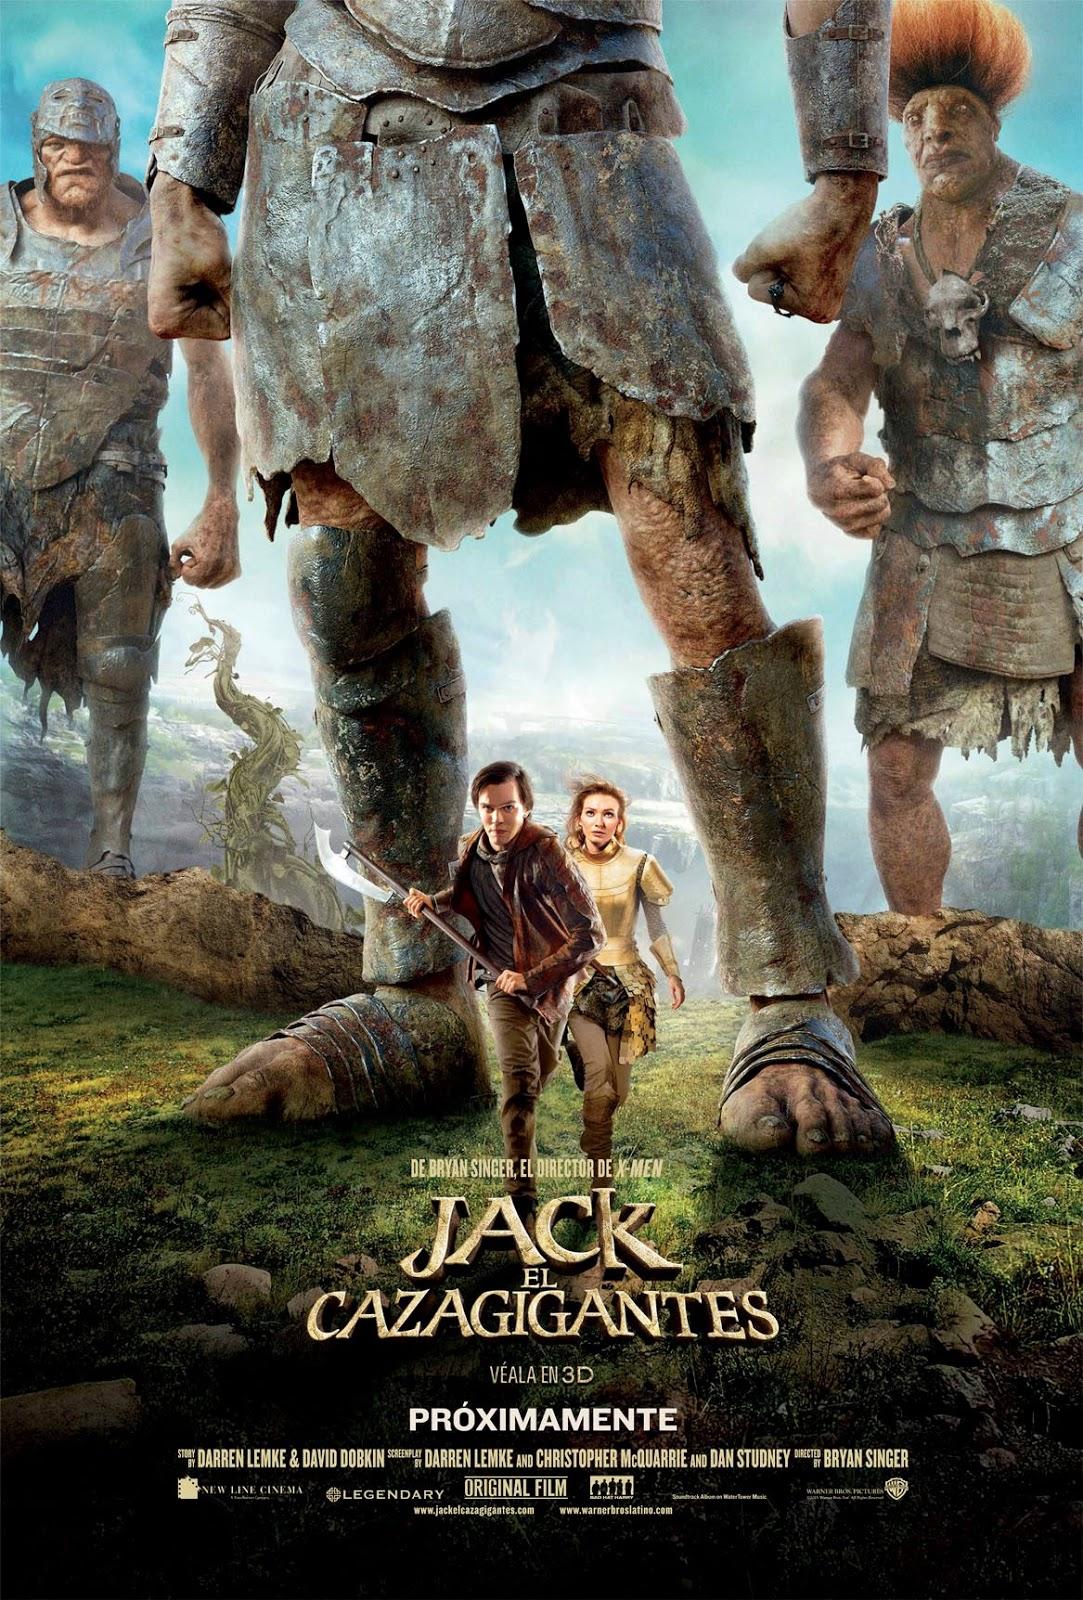 Jack el caza gigantes (2013) Jack the Giant Slayer – y ver online